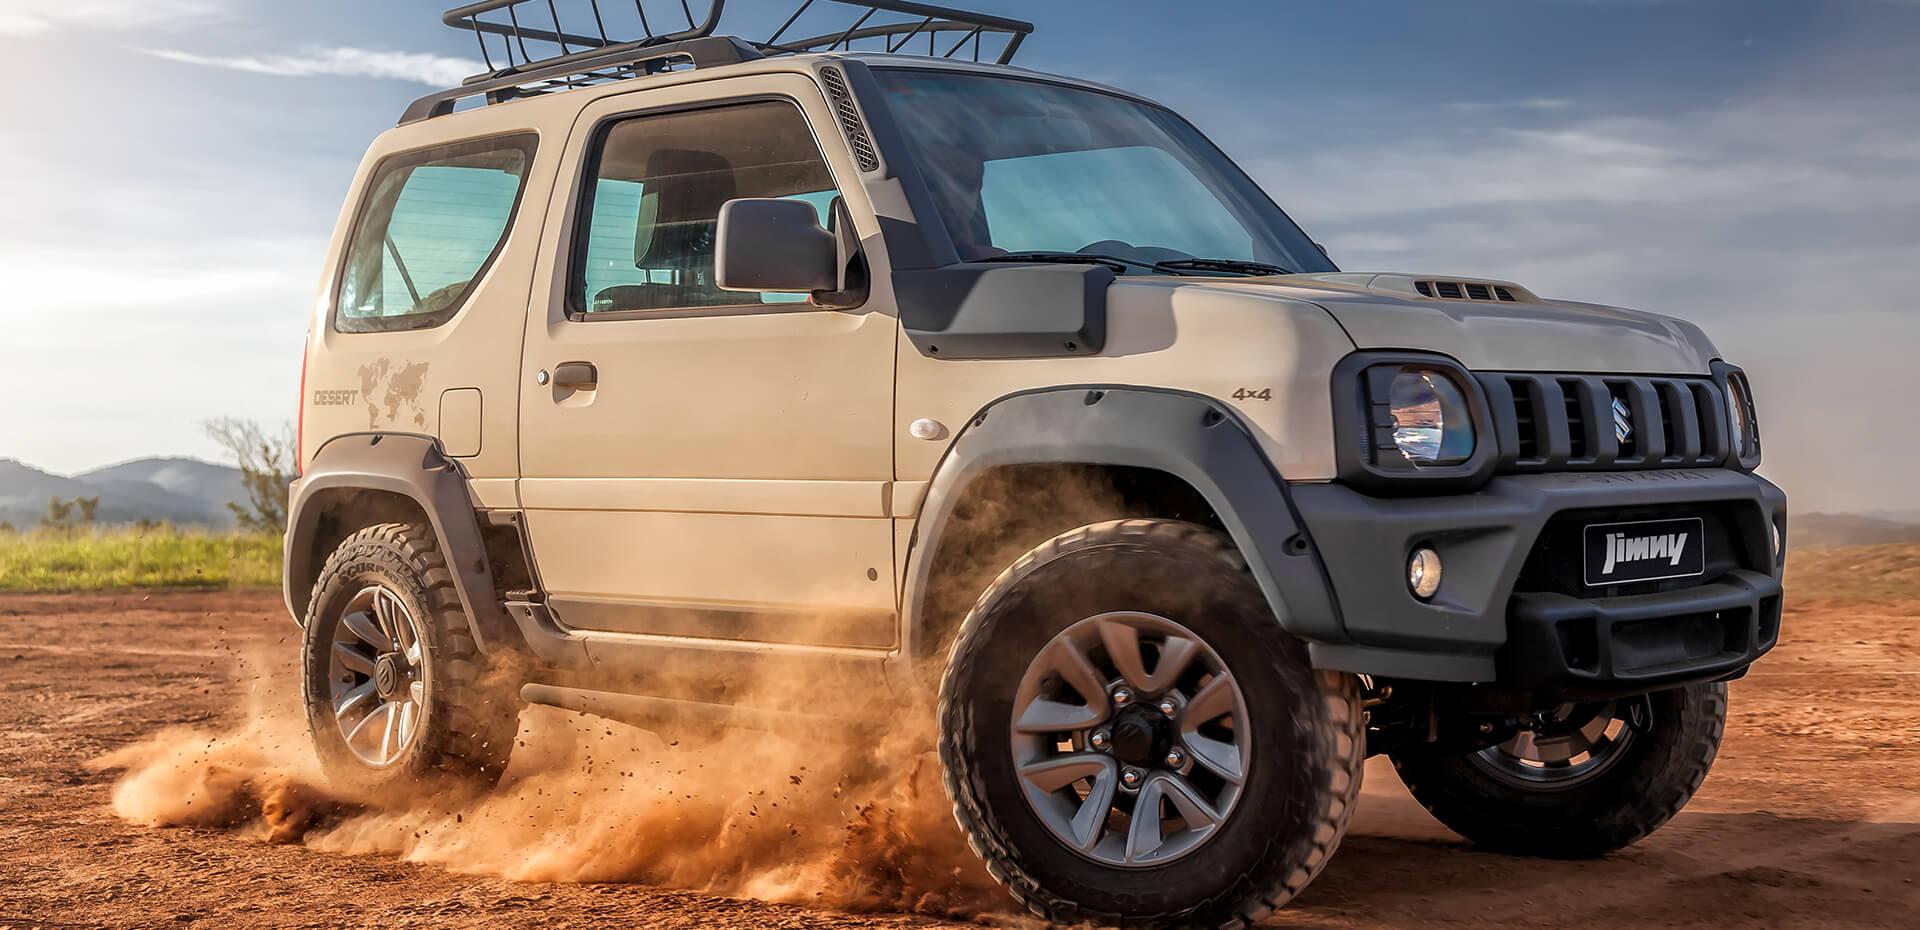 Suzuki JIMNY DESERT 8